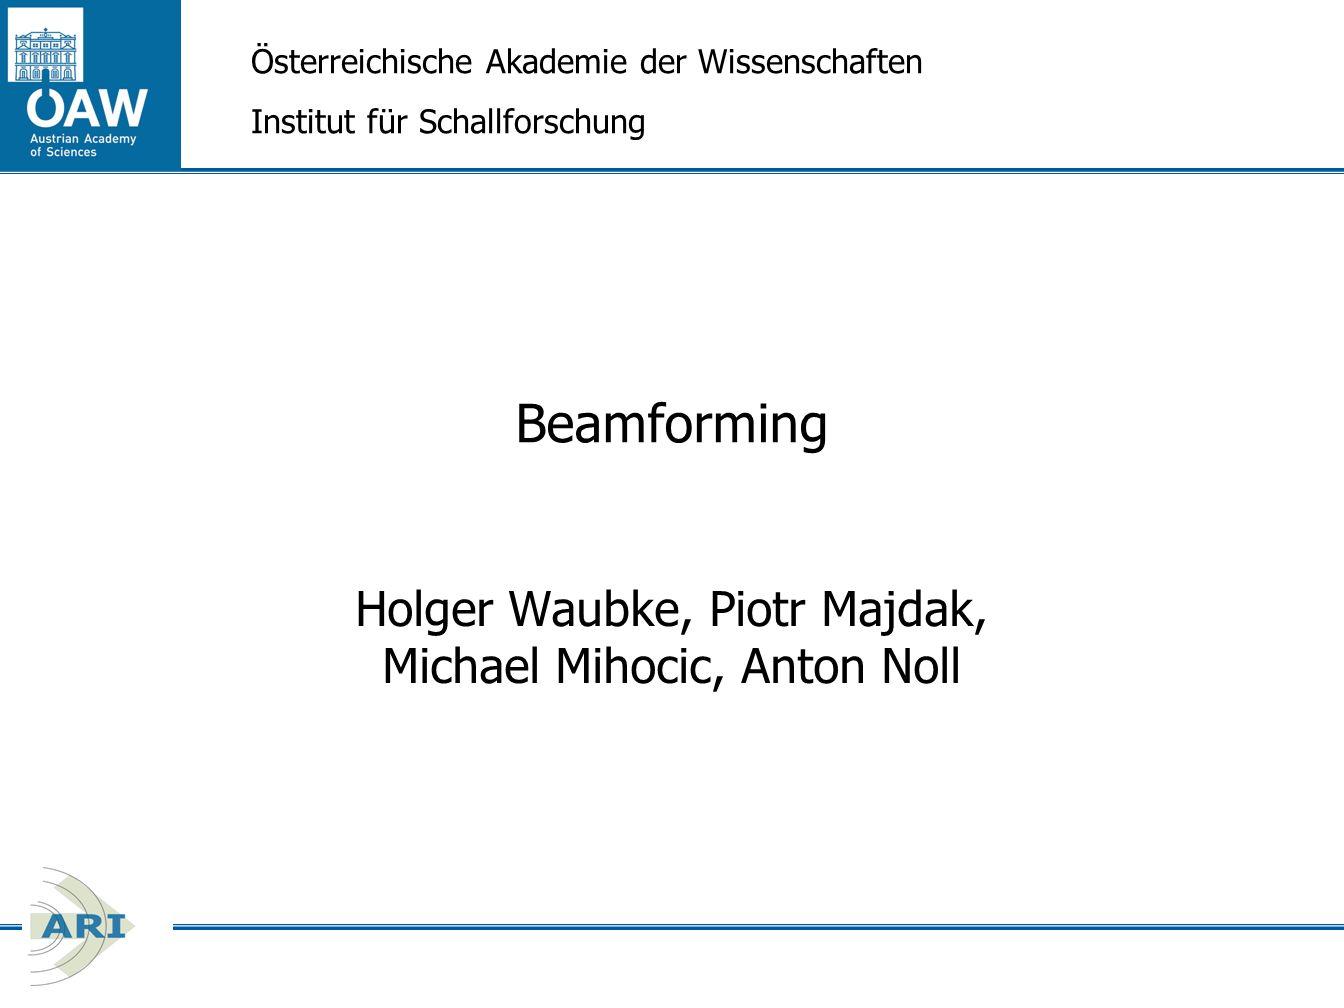 Beamforming Holger Waubke, Piotr Majdak, Michael Mihocic, Anton Noll Österreichische Akademie der Wissenschaften Institut für Schallforschung